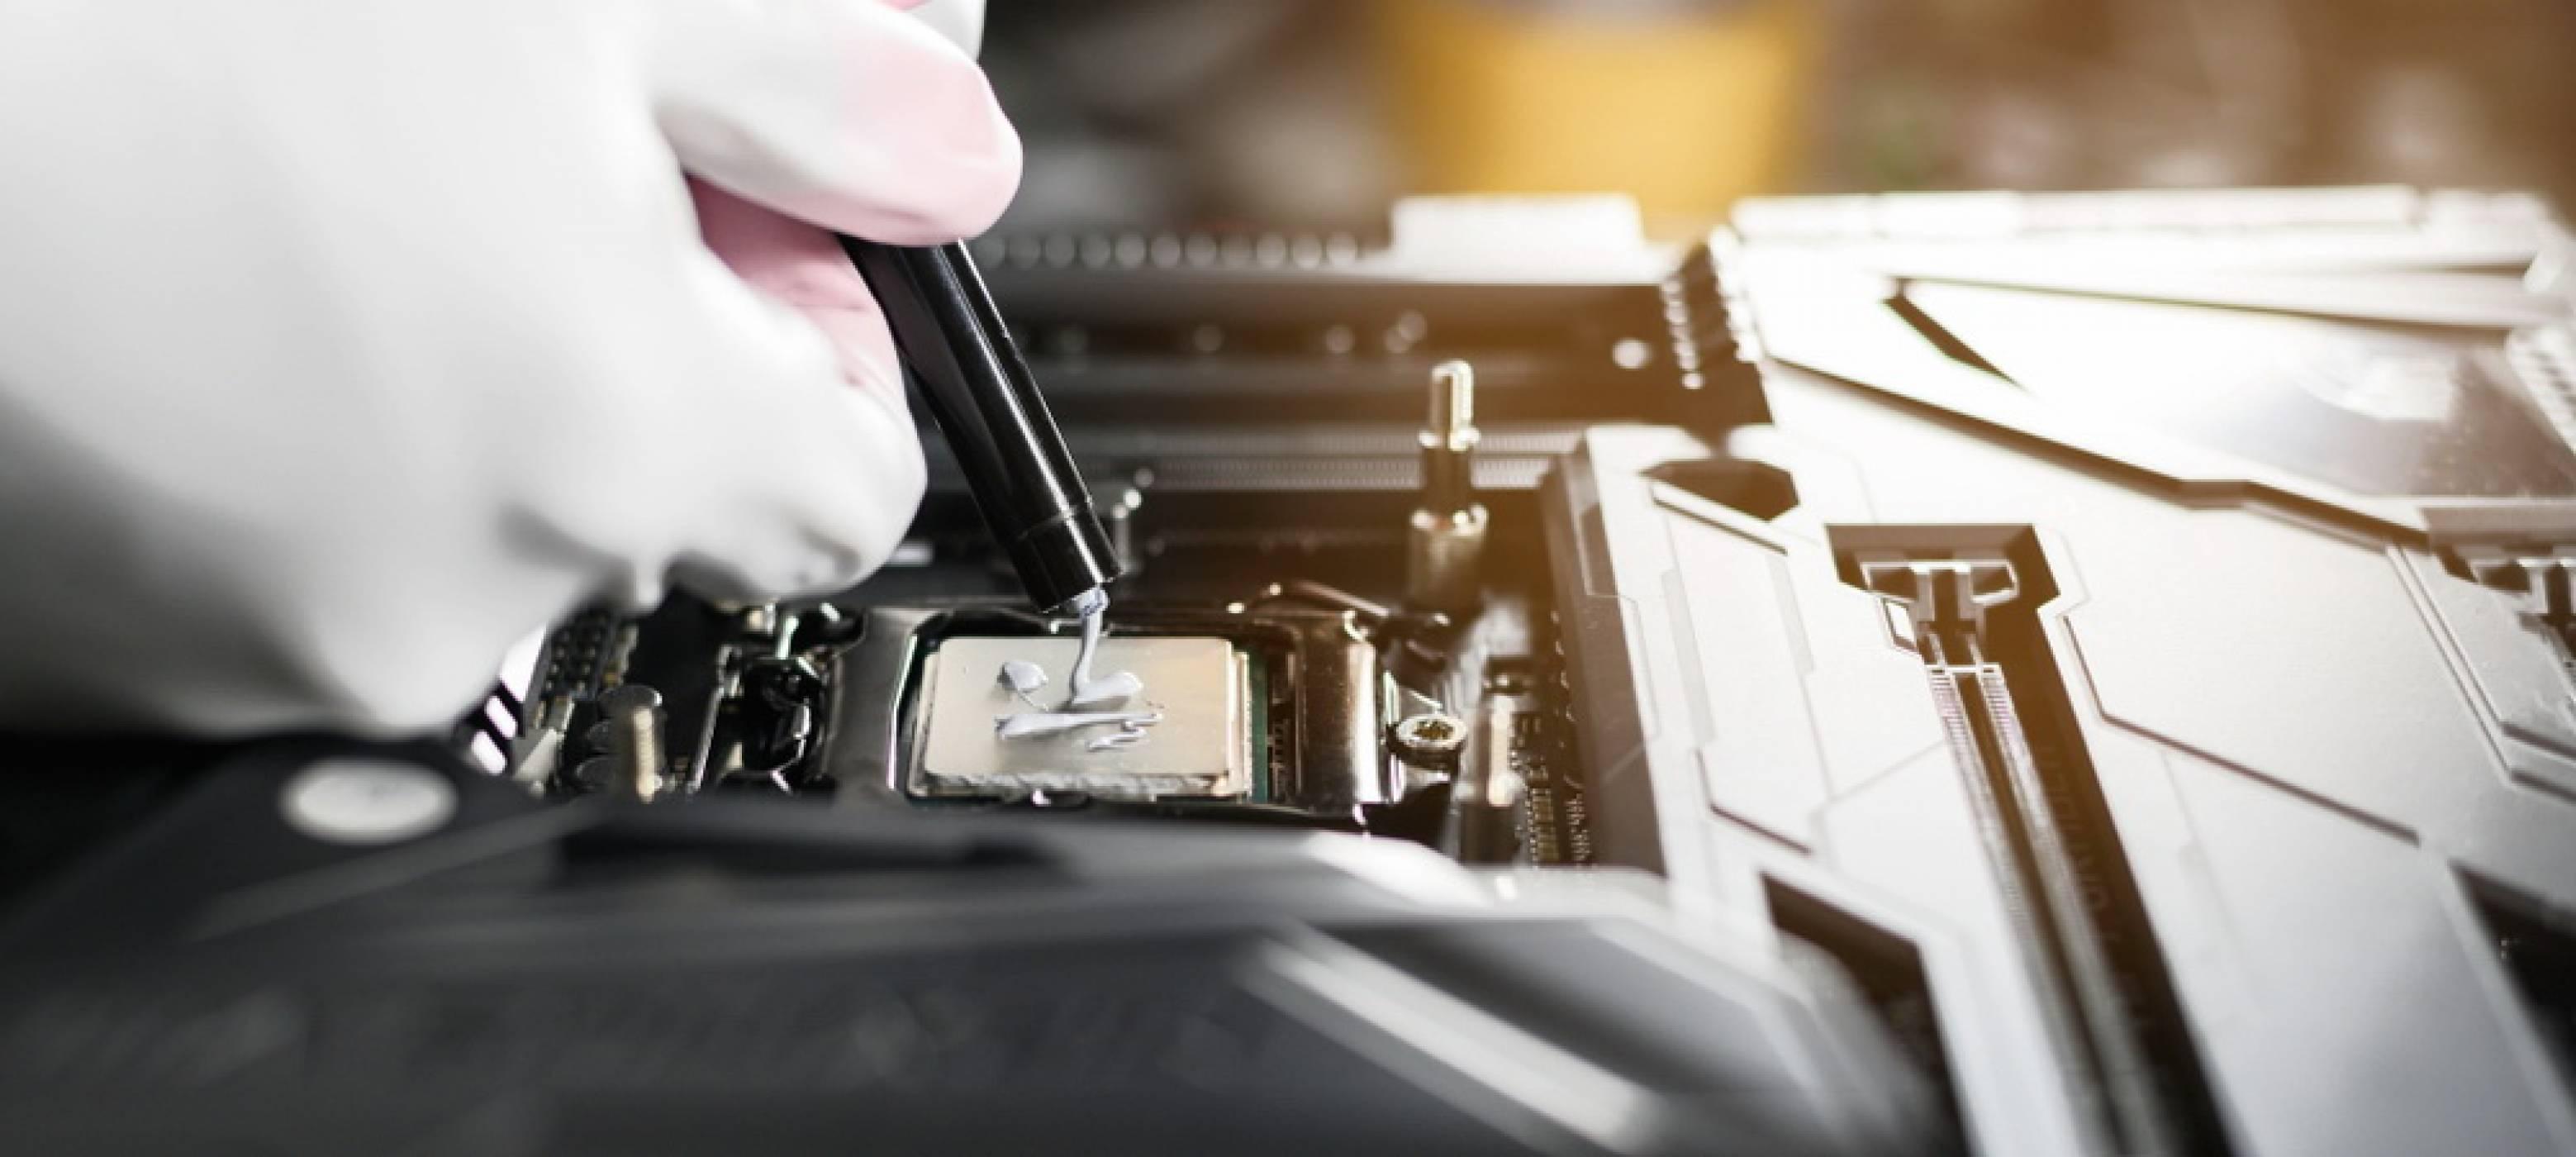 Термичните пасти – какво представляват и как могат да помогнат на конзолата, компютъра или видеокартата ви да работят по-добре?